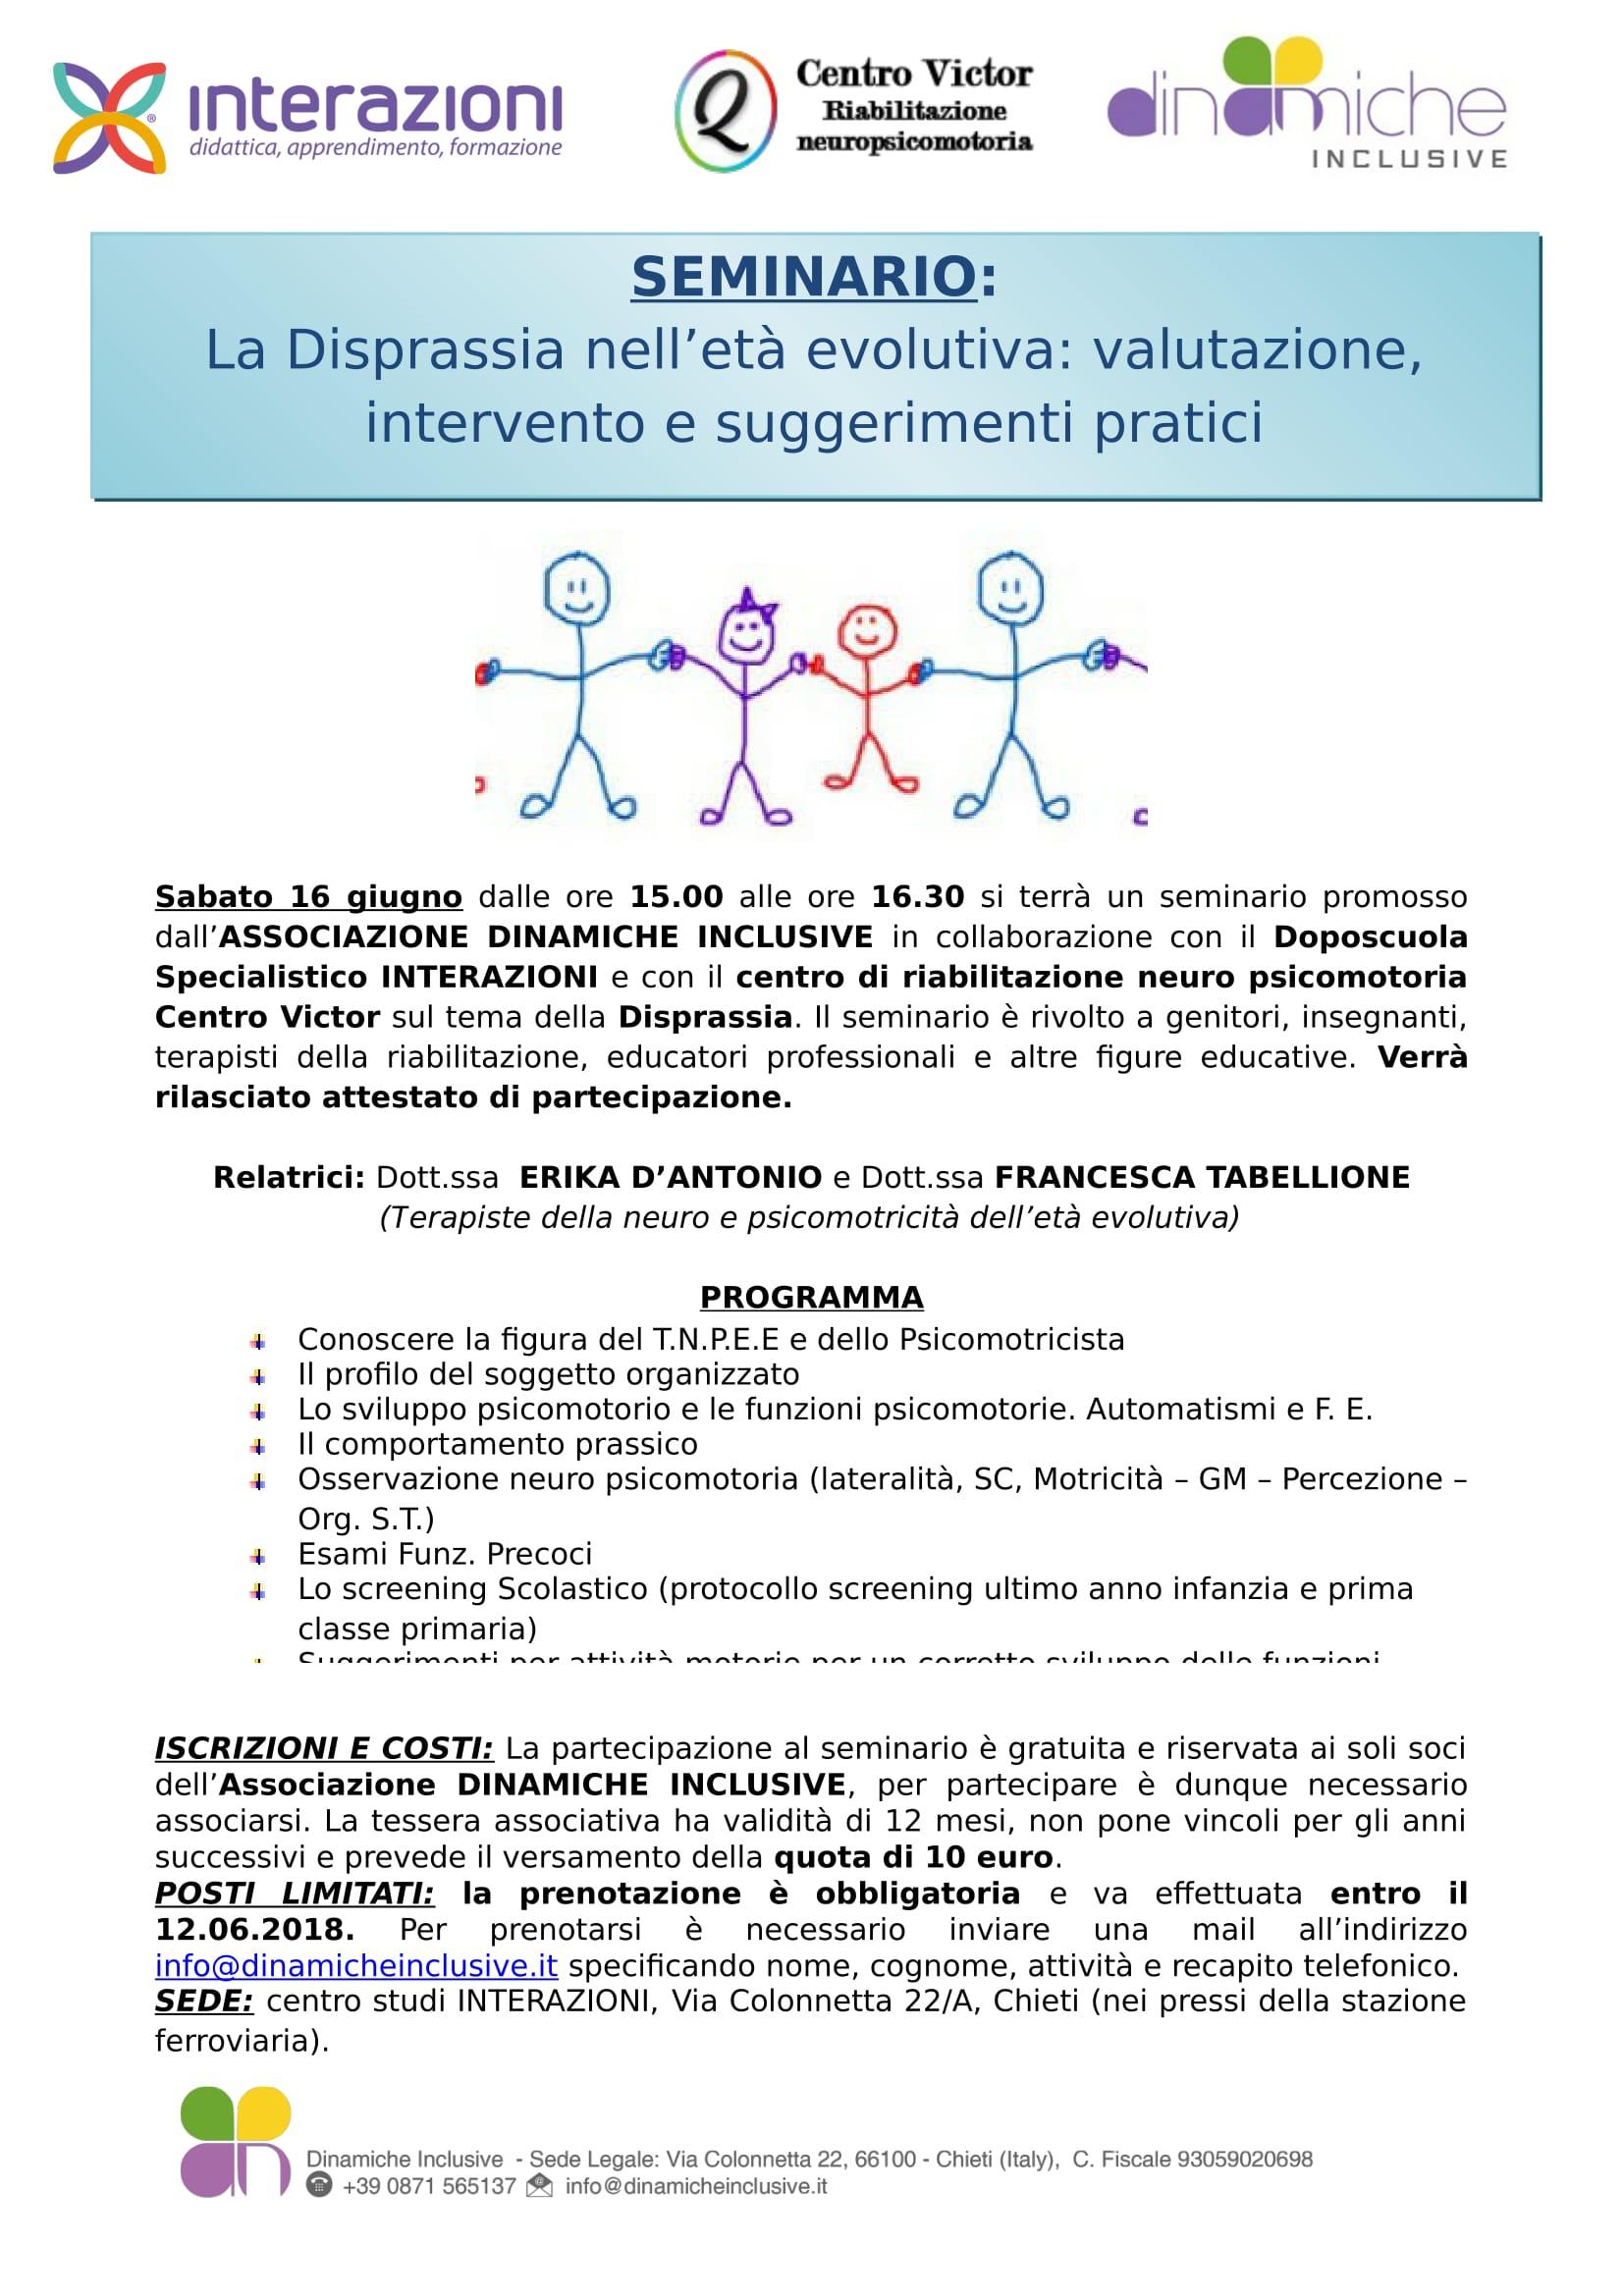 Volantino seminario disprassia-1-1jpg